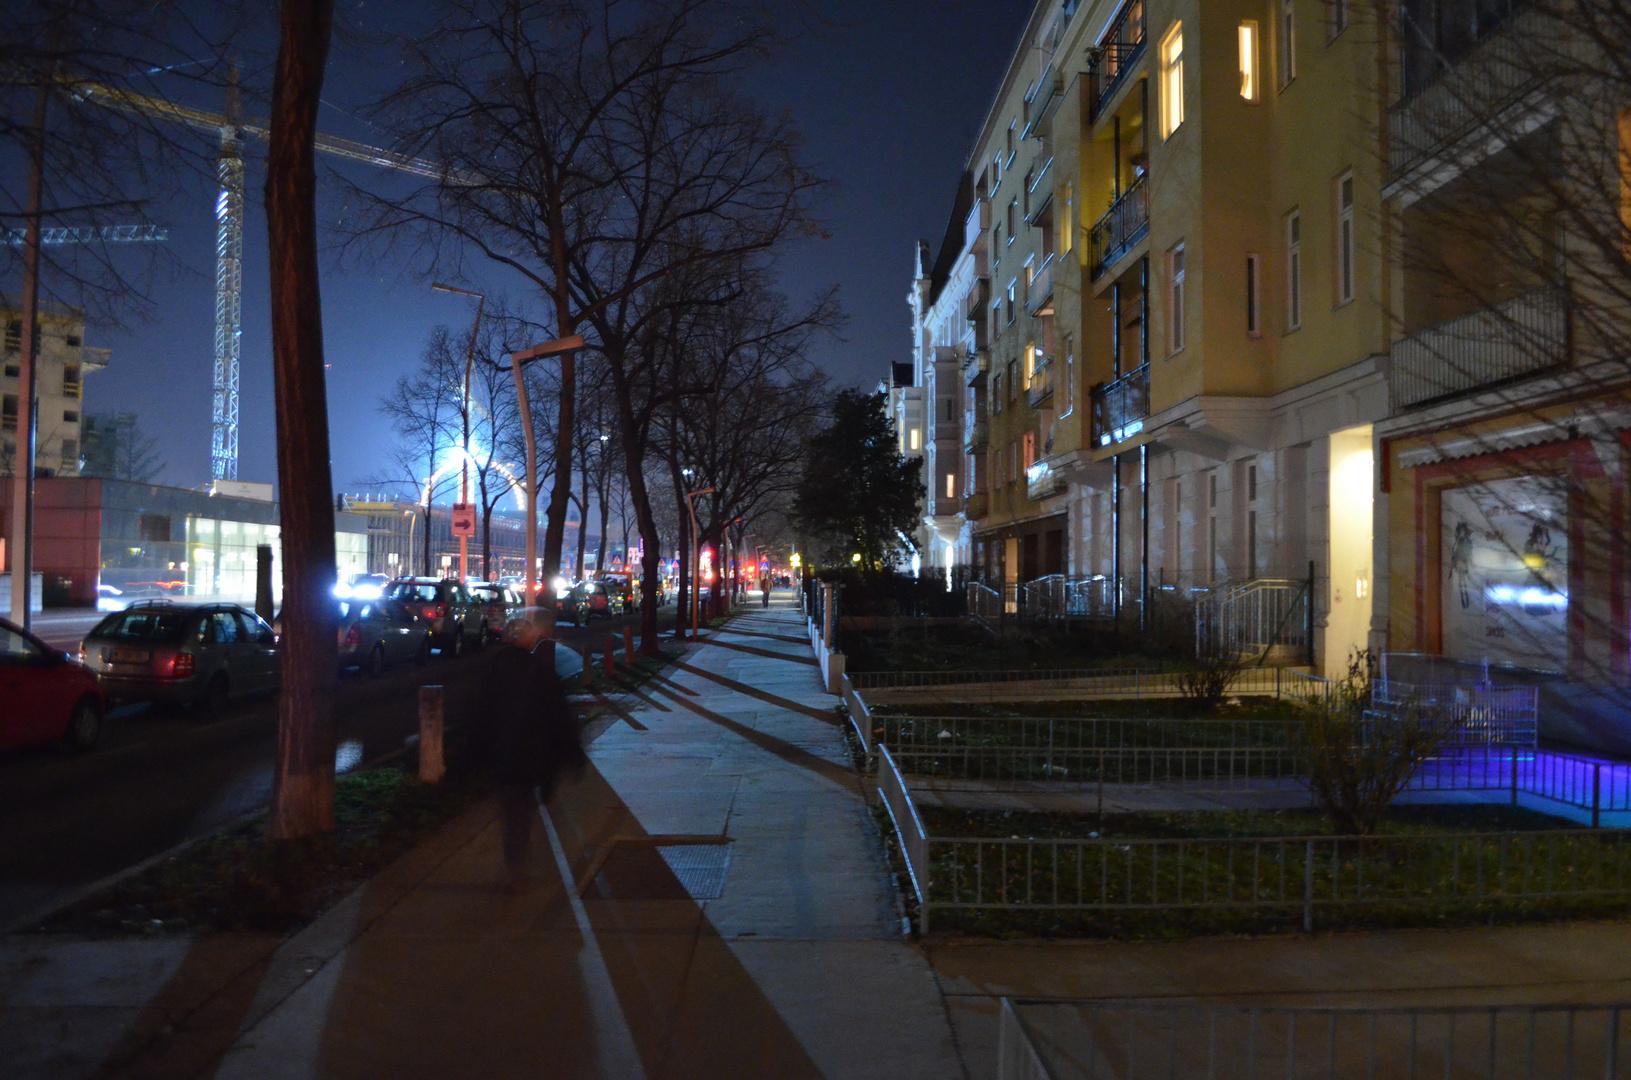 Ausfall der Straßenbeleuchtung